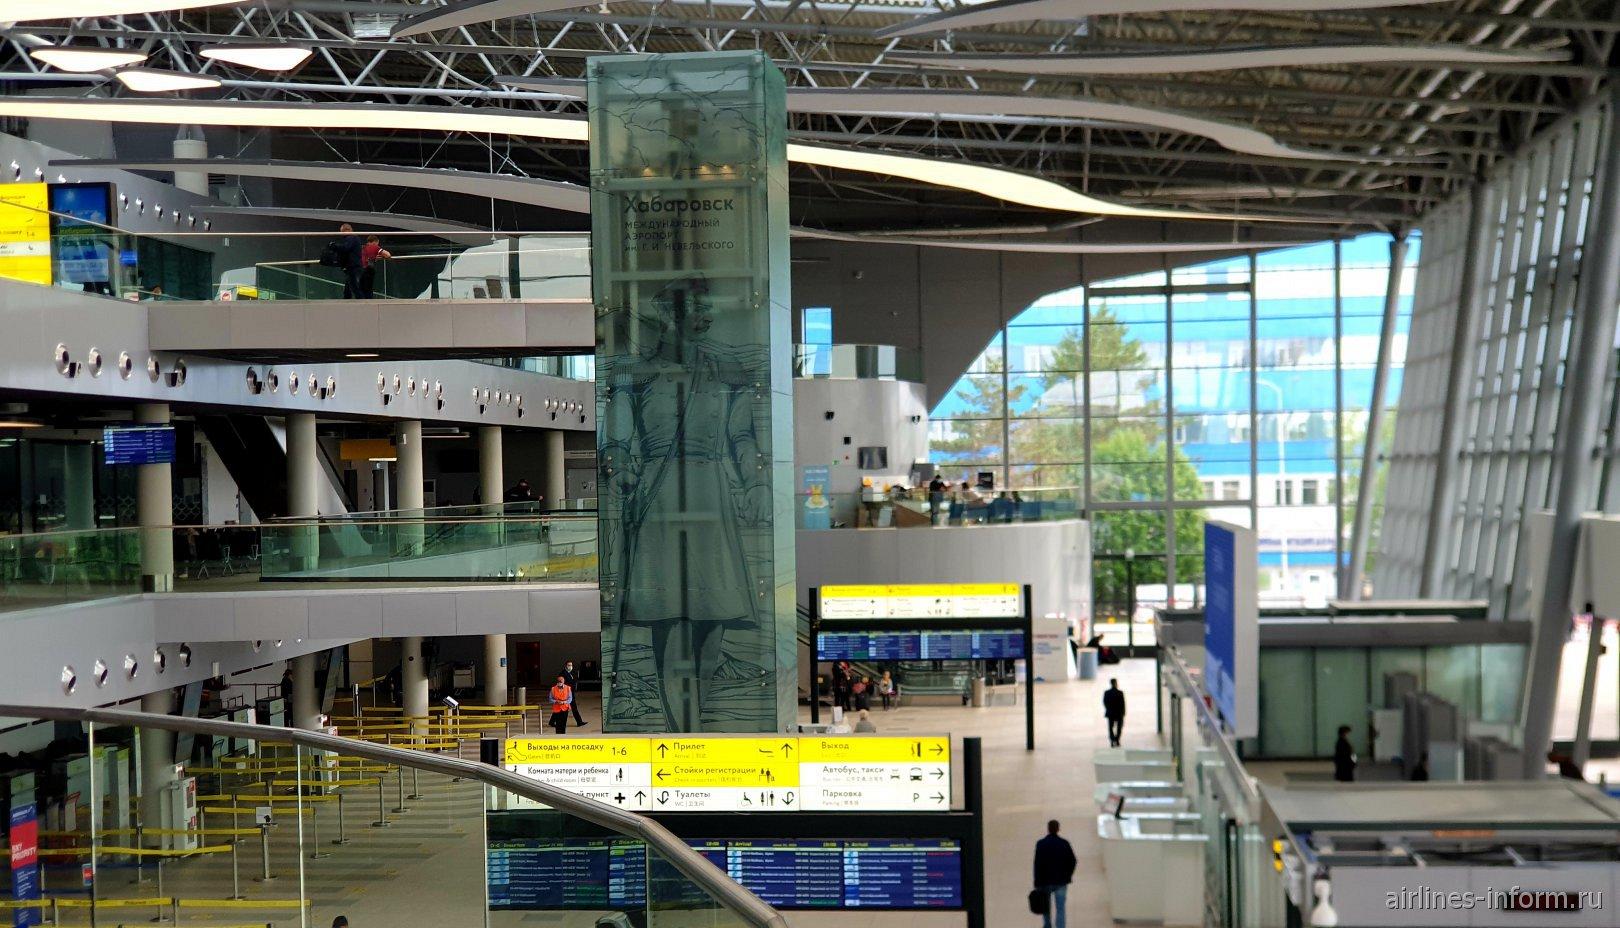 Интерьер нового терминала аэропорта Хабаровск Новый